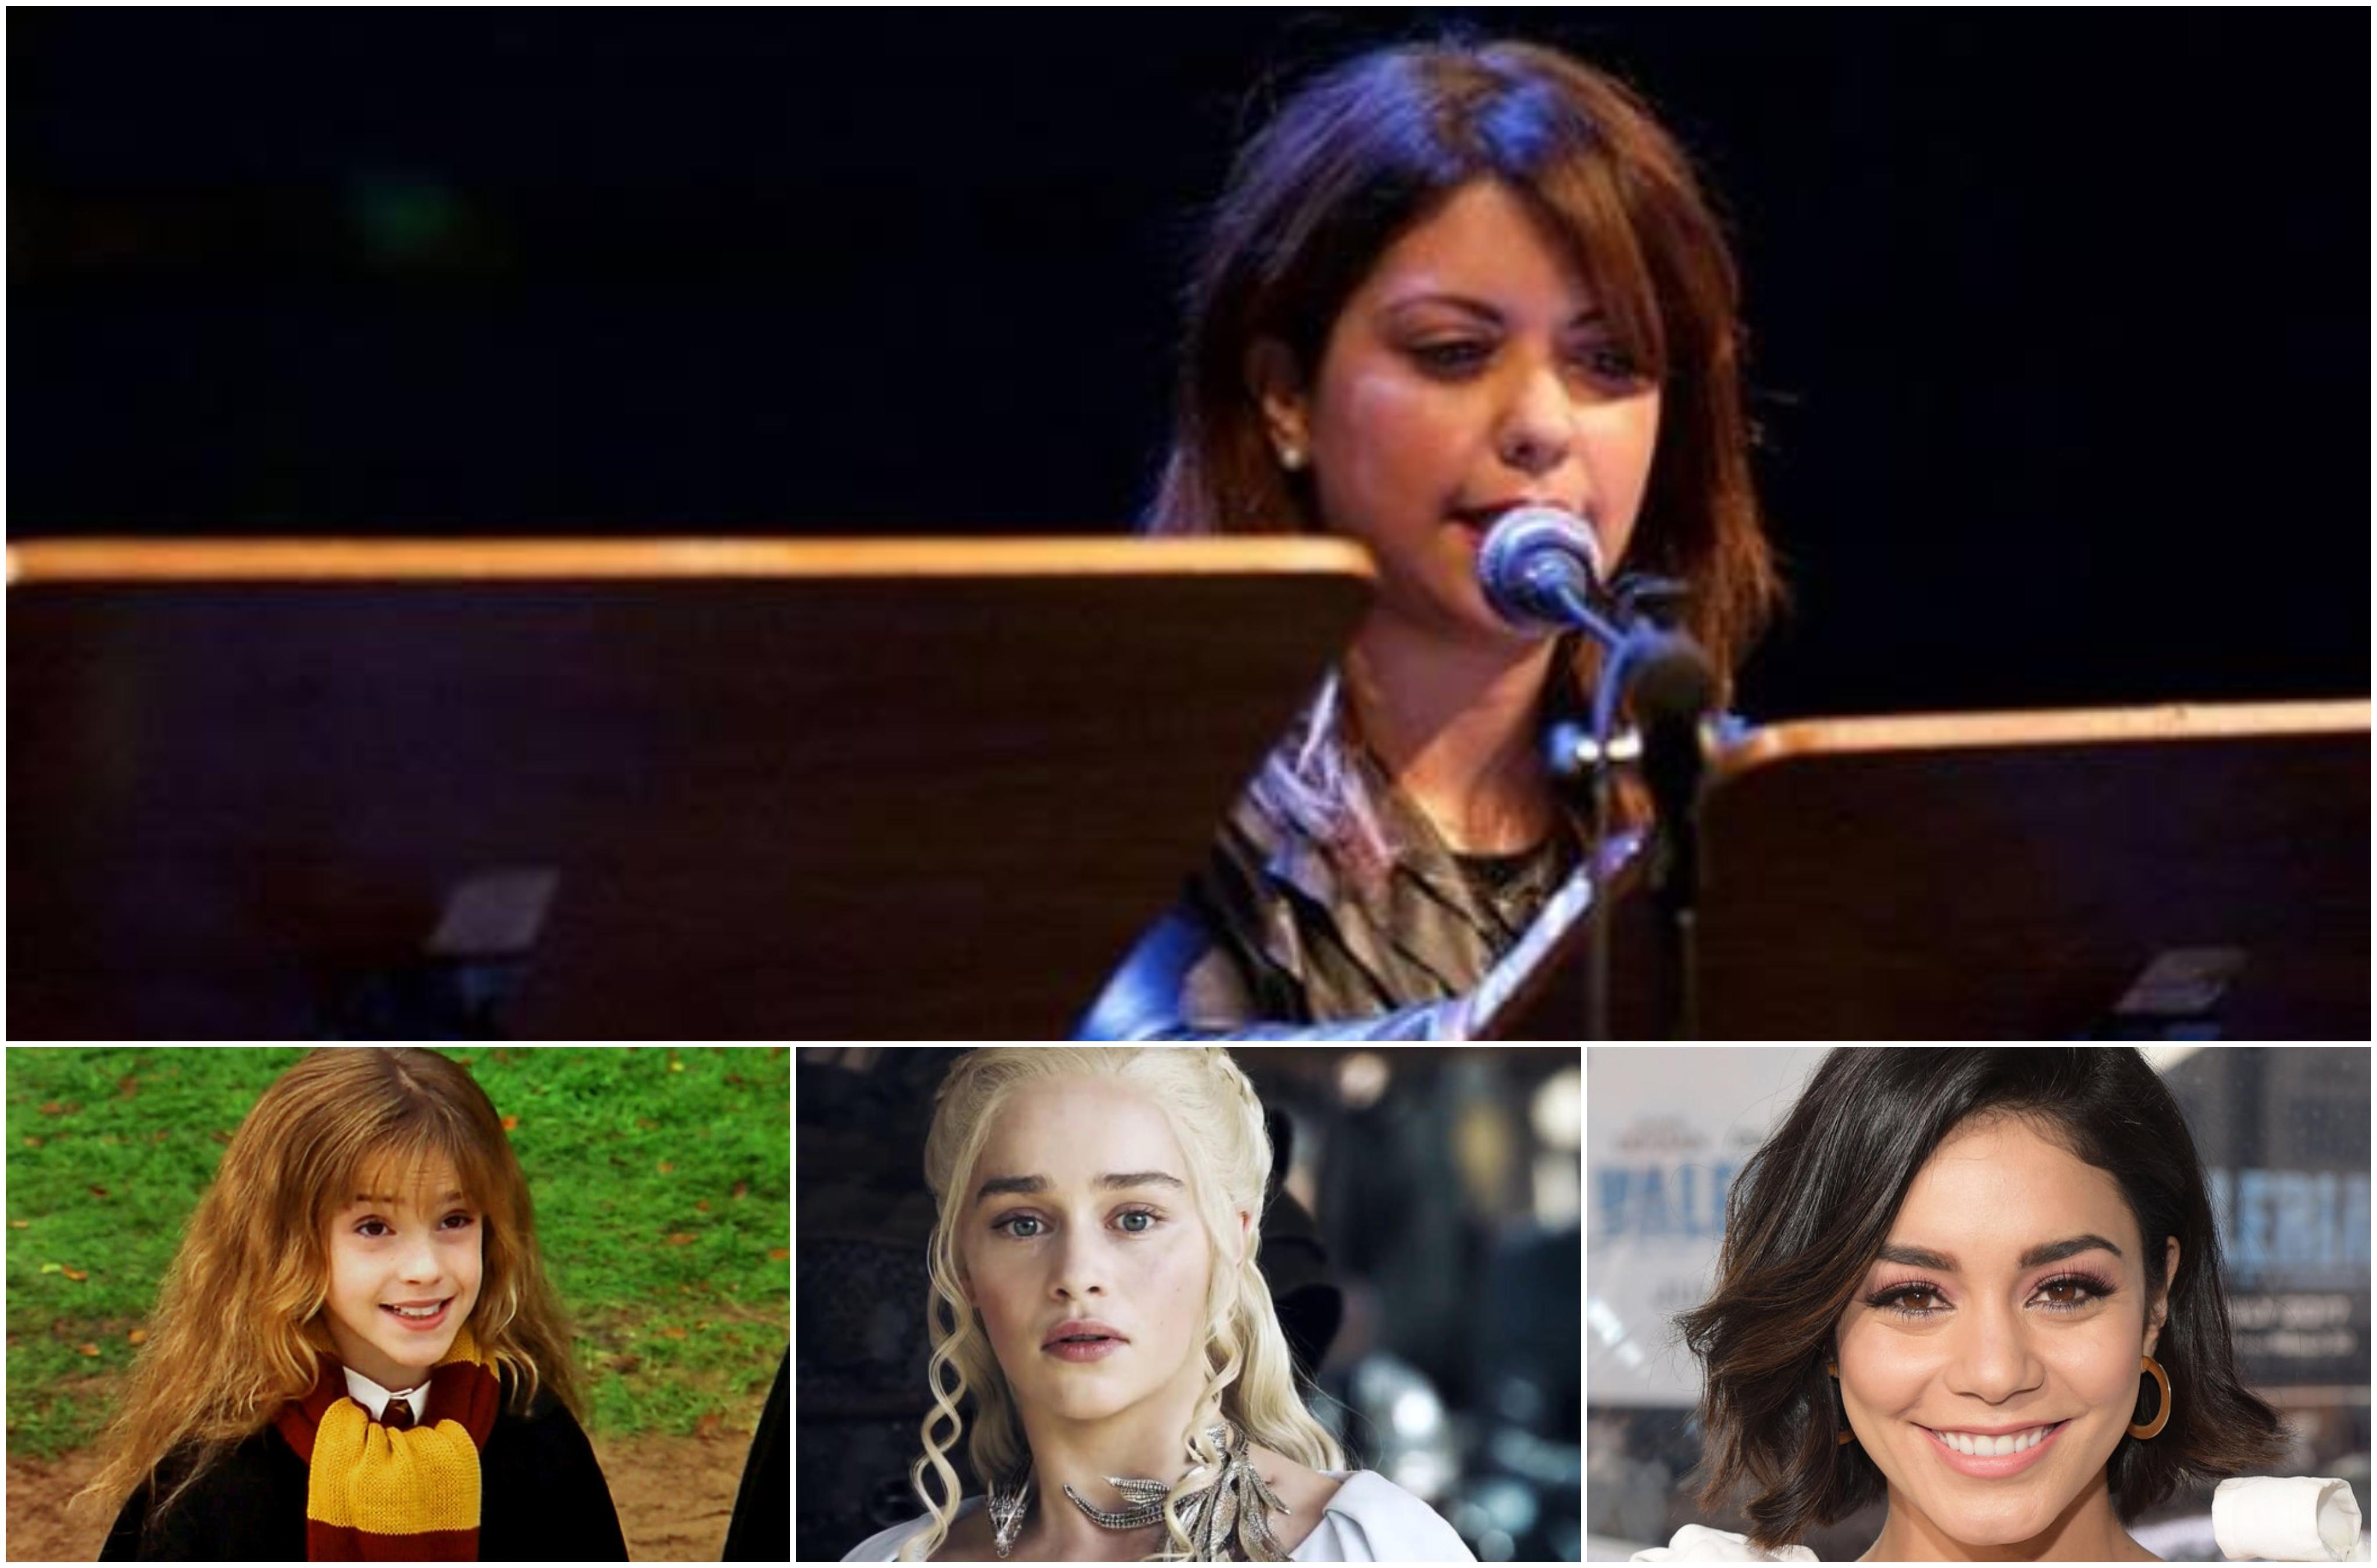 Intervista a Letizia Ciampa, la voce italiana di Hermione Granger